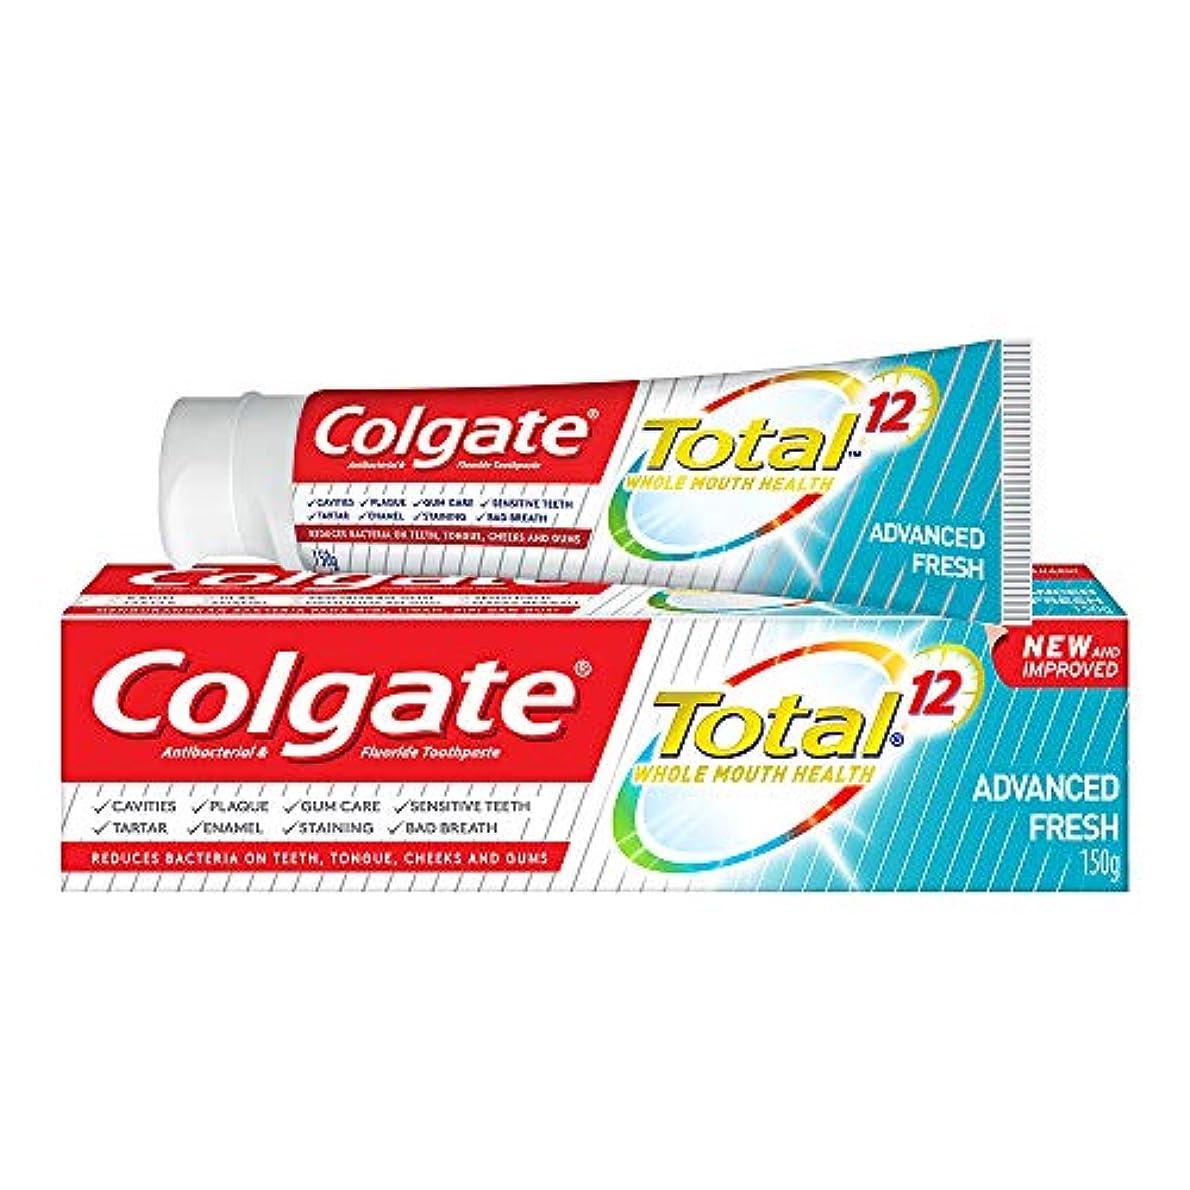 国家抑圧法廷Colgate コルゲート トータル トゥースペースト 150g (歯磨き粉) 【歯磨き粉、虫歯予防、アメリカン雑貨】